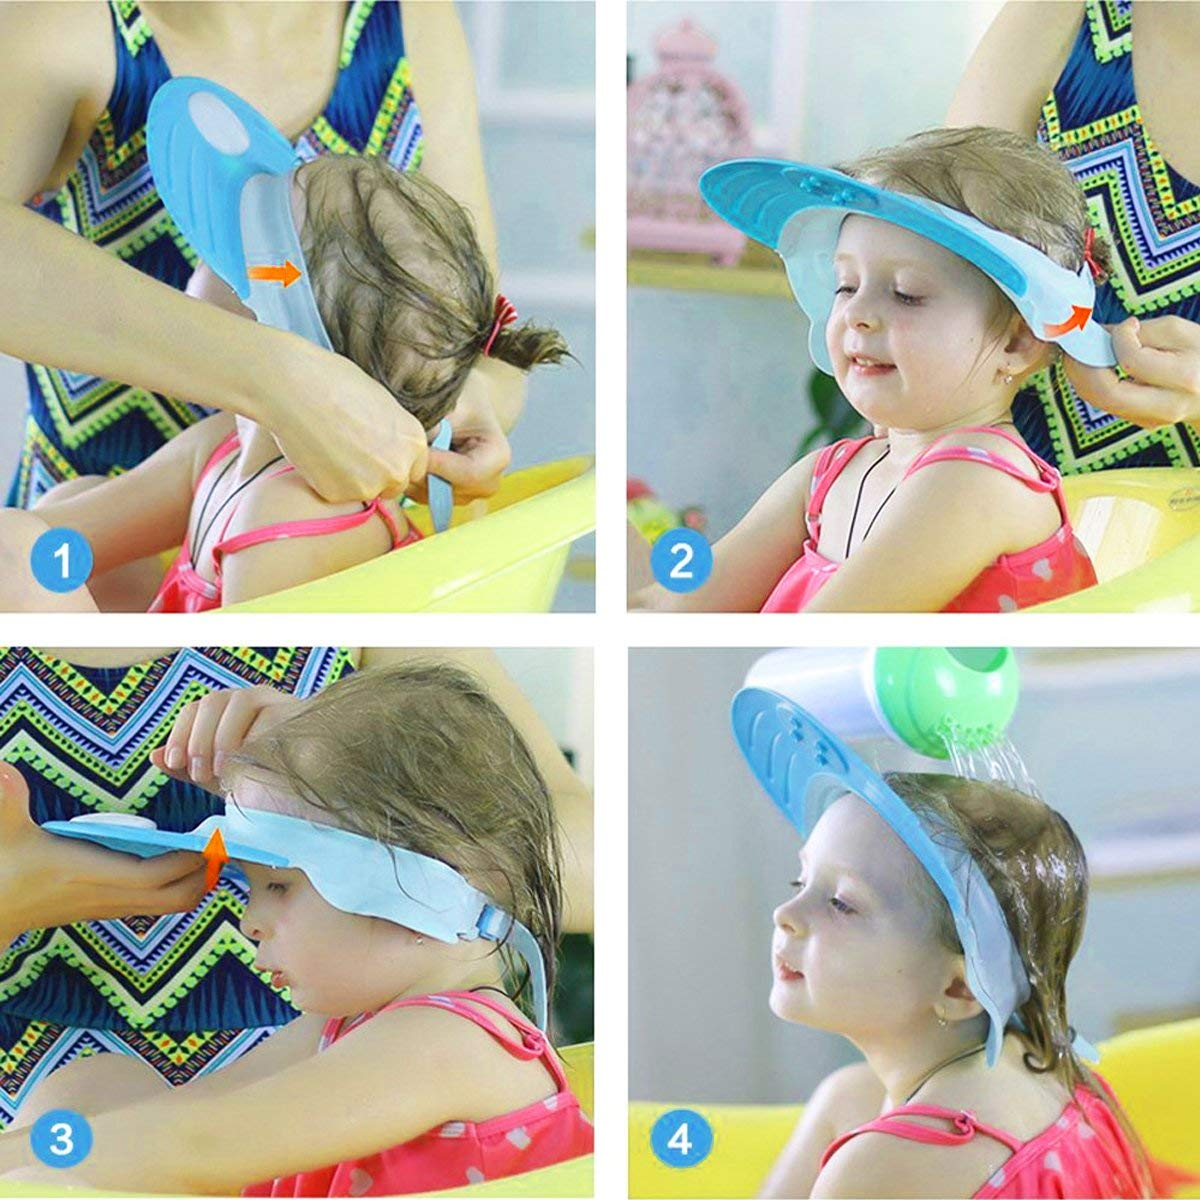 Faneli azul protecci/ón ajustable para los ojos del champ/ú Gorro de ba/ño para ni/ños y beb/és gorro de ba/ño para beb/és y ni/ños protecci/ón para la ducha protecci/ón contra salpicaduras